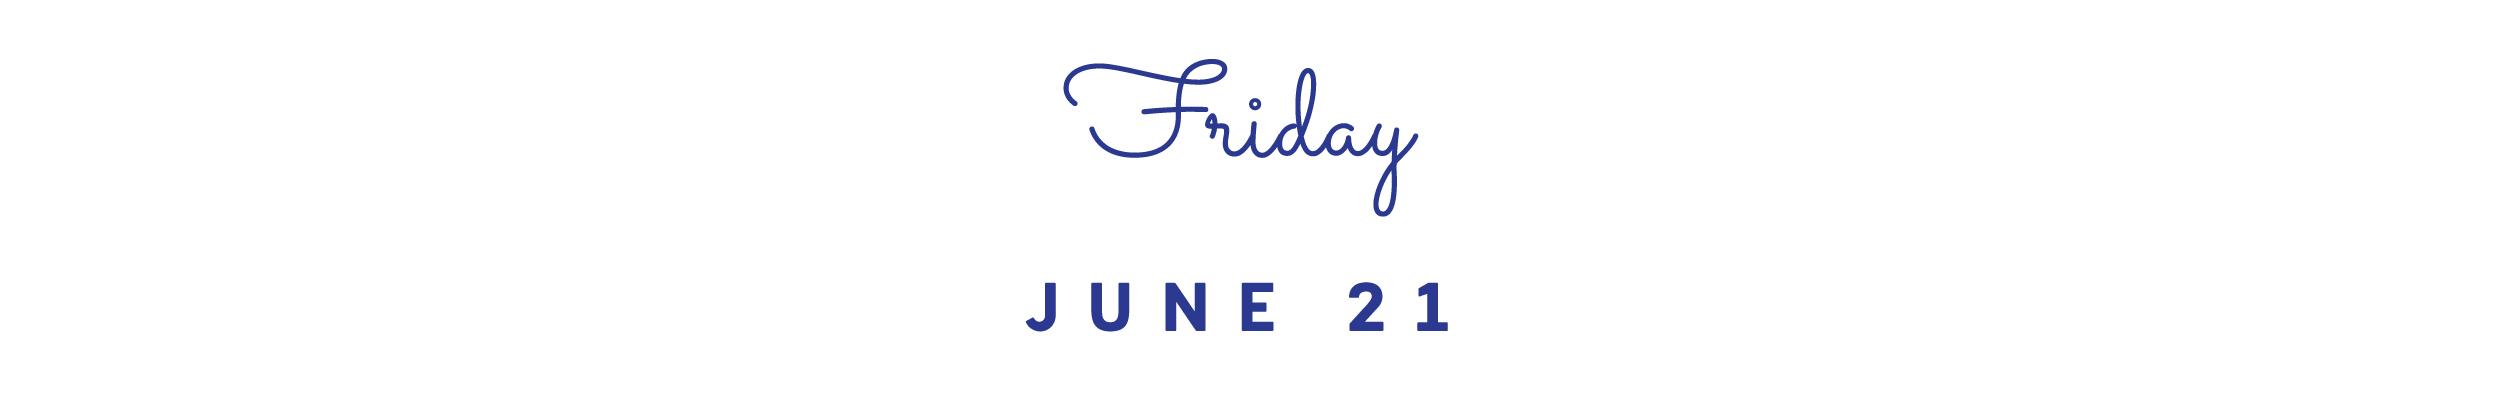 L&C_Web_Title_June-21.jpg